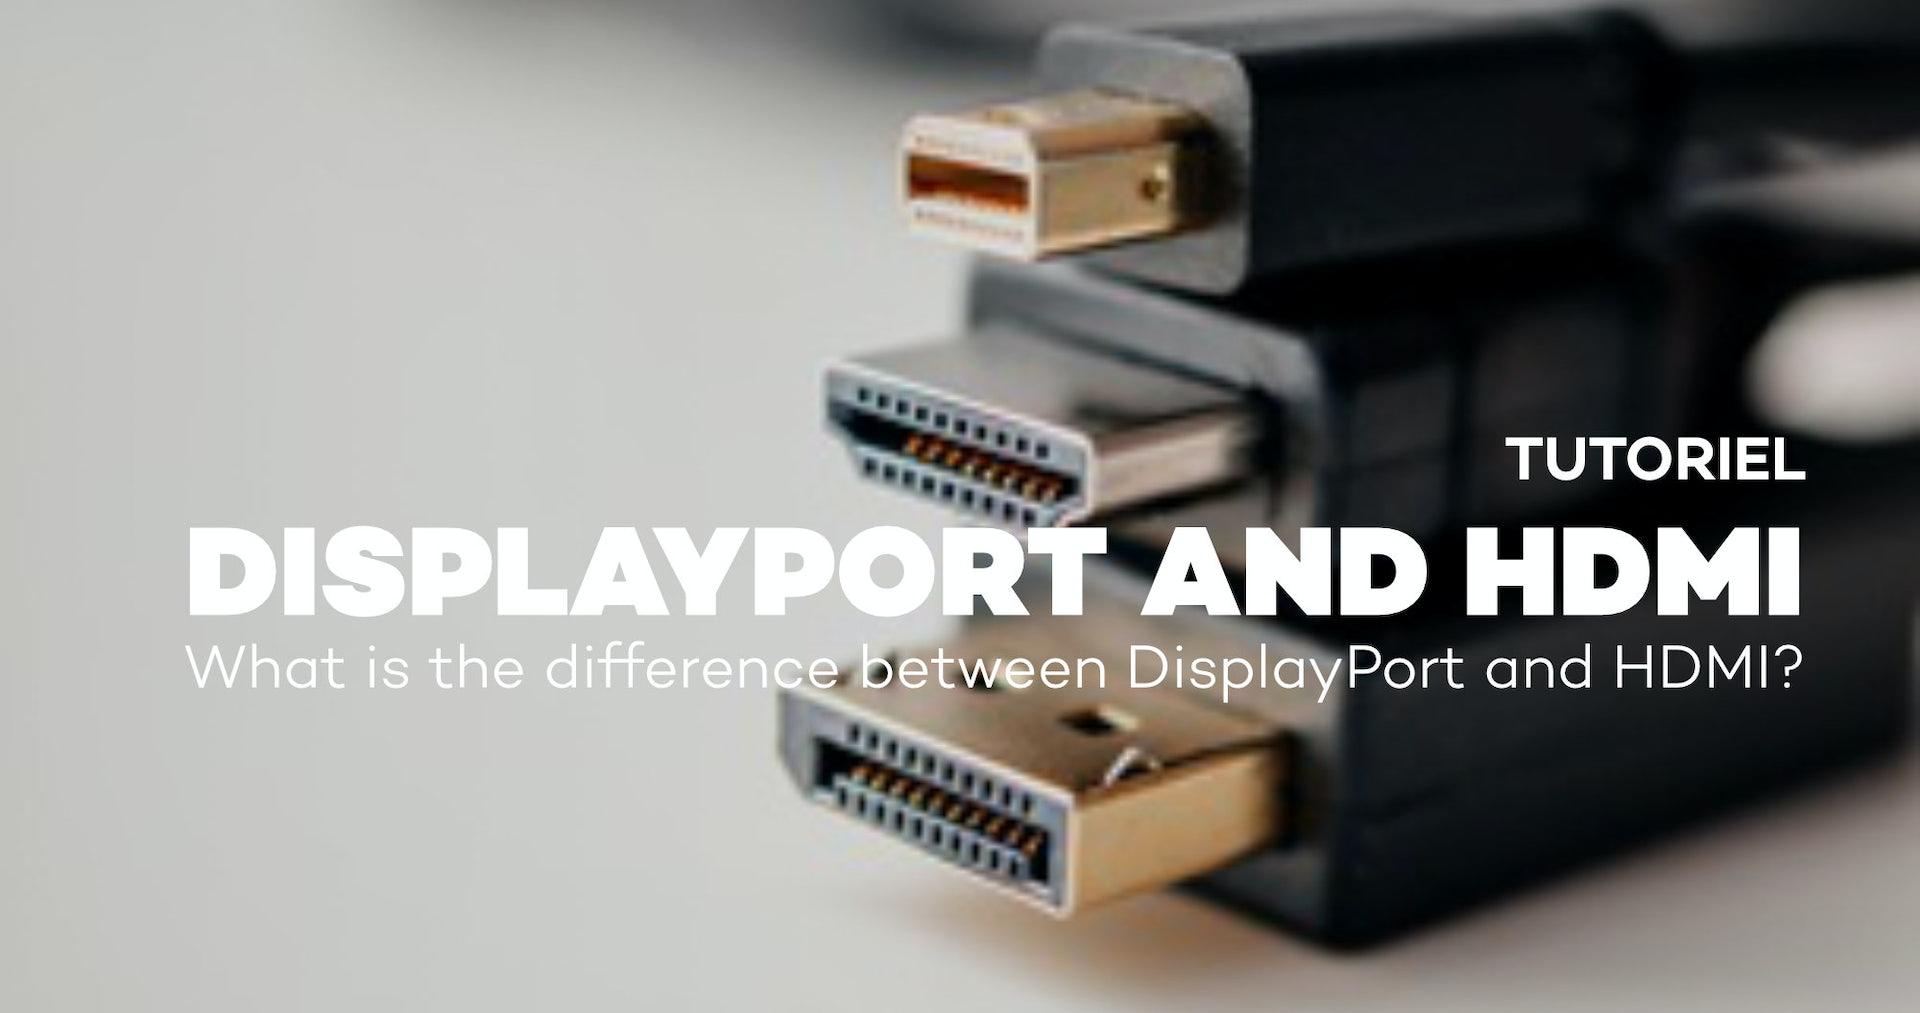 La différence entre le Displayport et HDMI